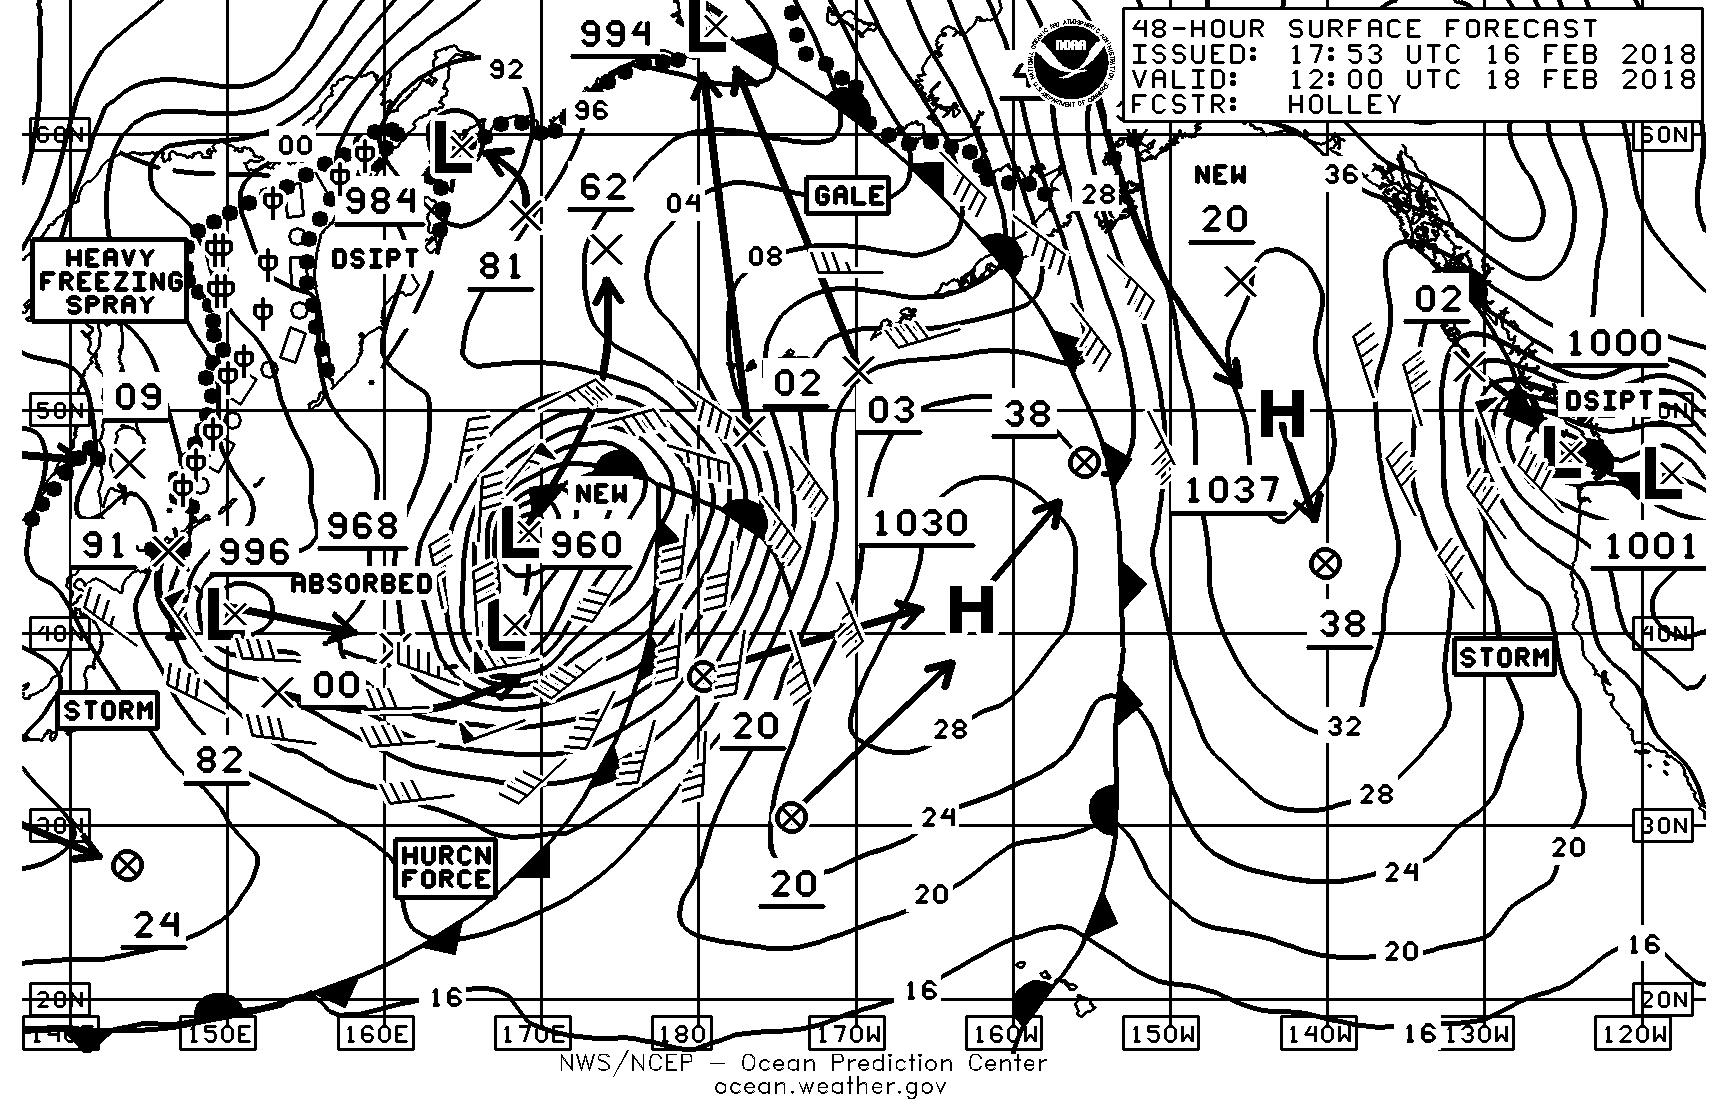 Puget sound marine weather sailish february 18 surface analysis nvjuhfo Image collections